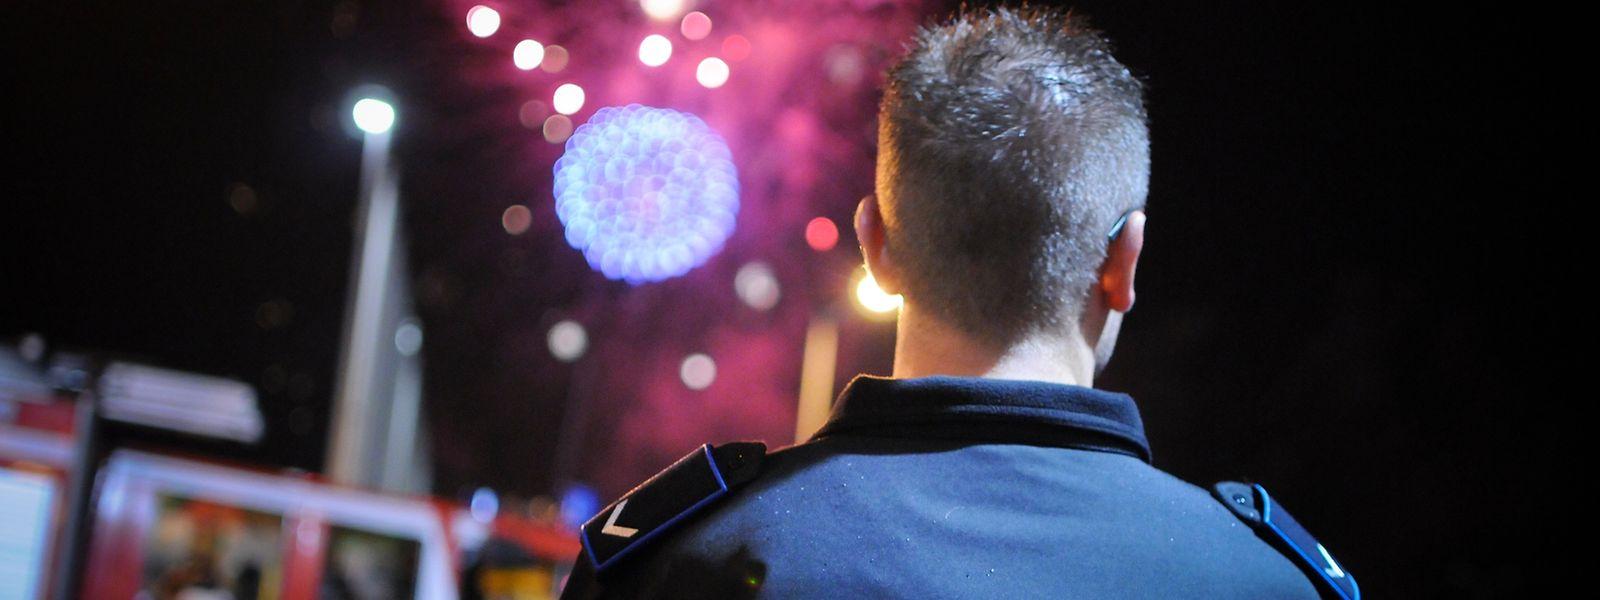 Mehr als hundert Polizisten werden in der Hauptstadt im Einsatz sein. 150 weitere Sicherheitskräfte sind zudem Teil der Parade.